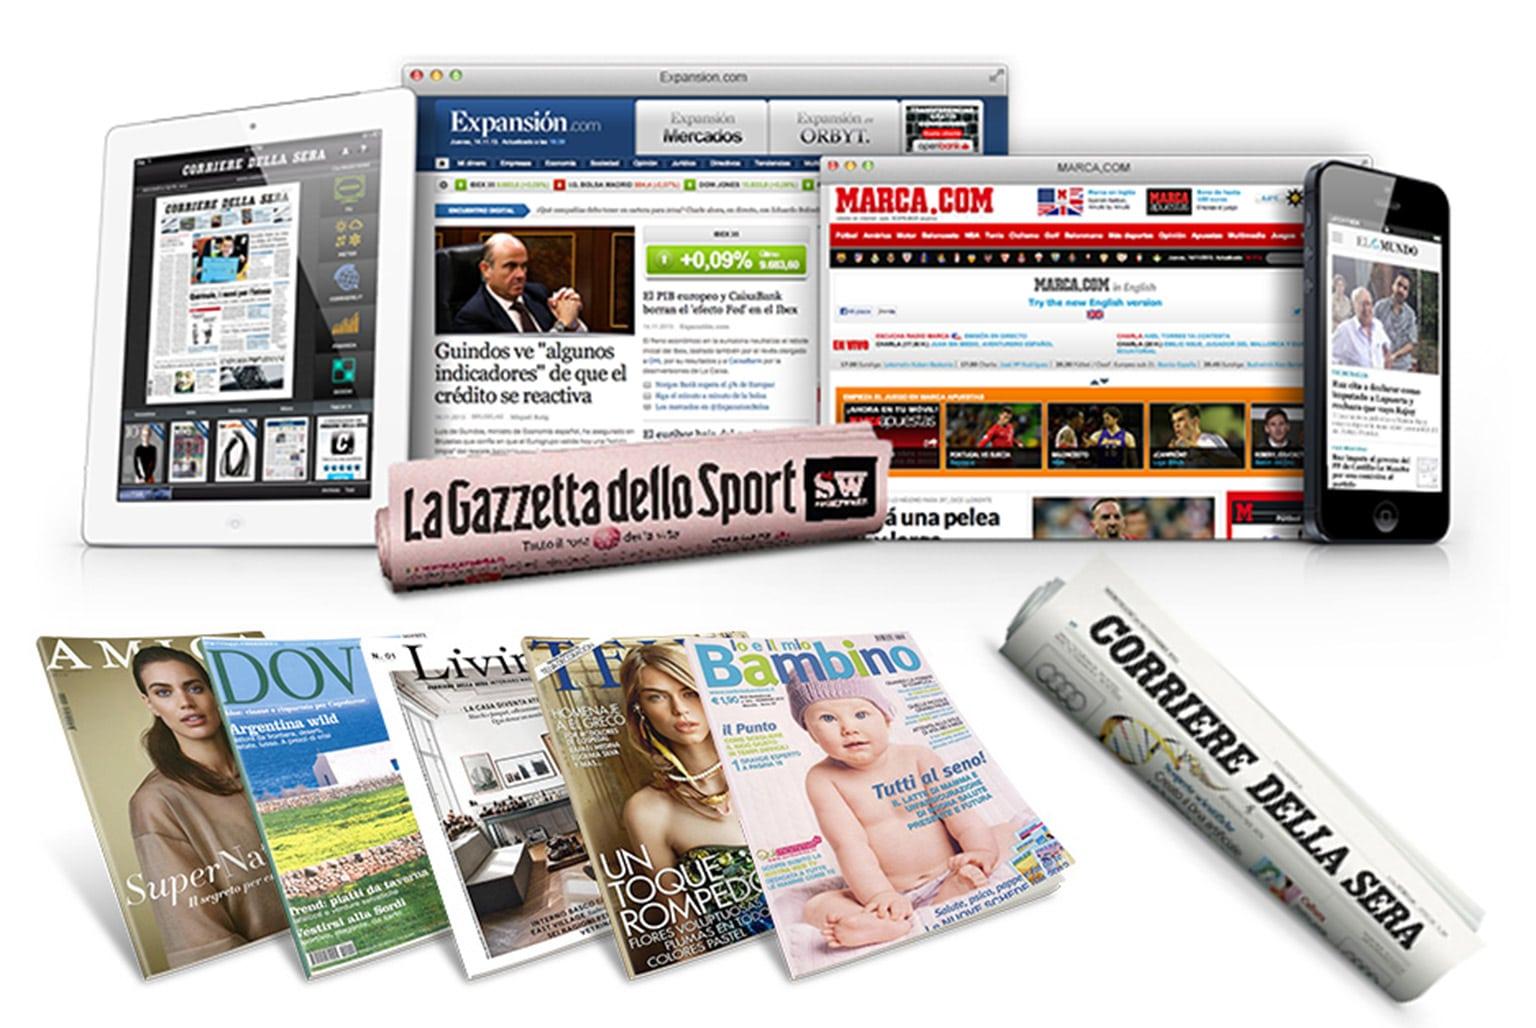 SPAZI PUBBLICITARI VARI FORMATI E REDAZIONALI SU QUOTIDIANI E PERIODICI CARTACEI CAMPAGNE PUBBLICITARE SU QUOTIDIANI E PERIODICI WEB PIANIFICAZIONE COMPUTER E MOBILE / TABLES INSERTI E CELOFANATURA SU QUOTIDIANI E PERIODICI